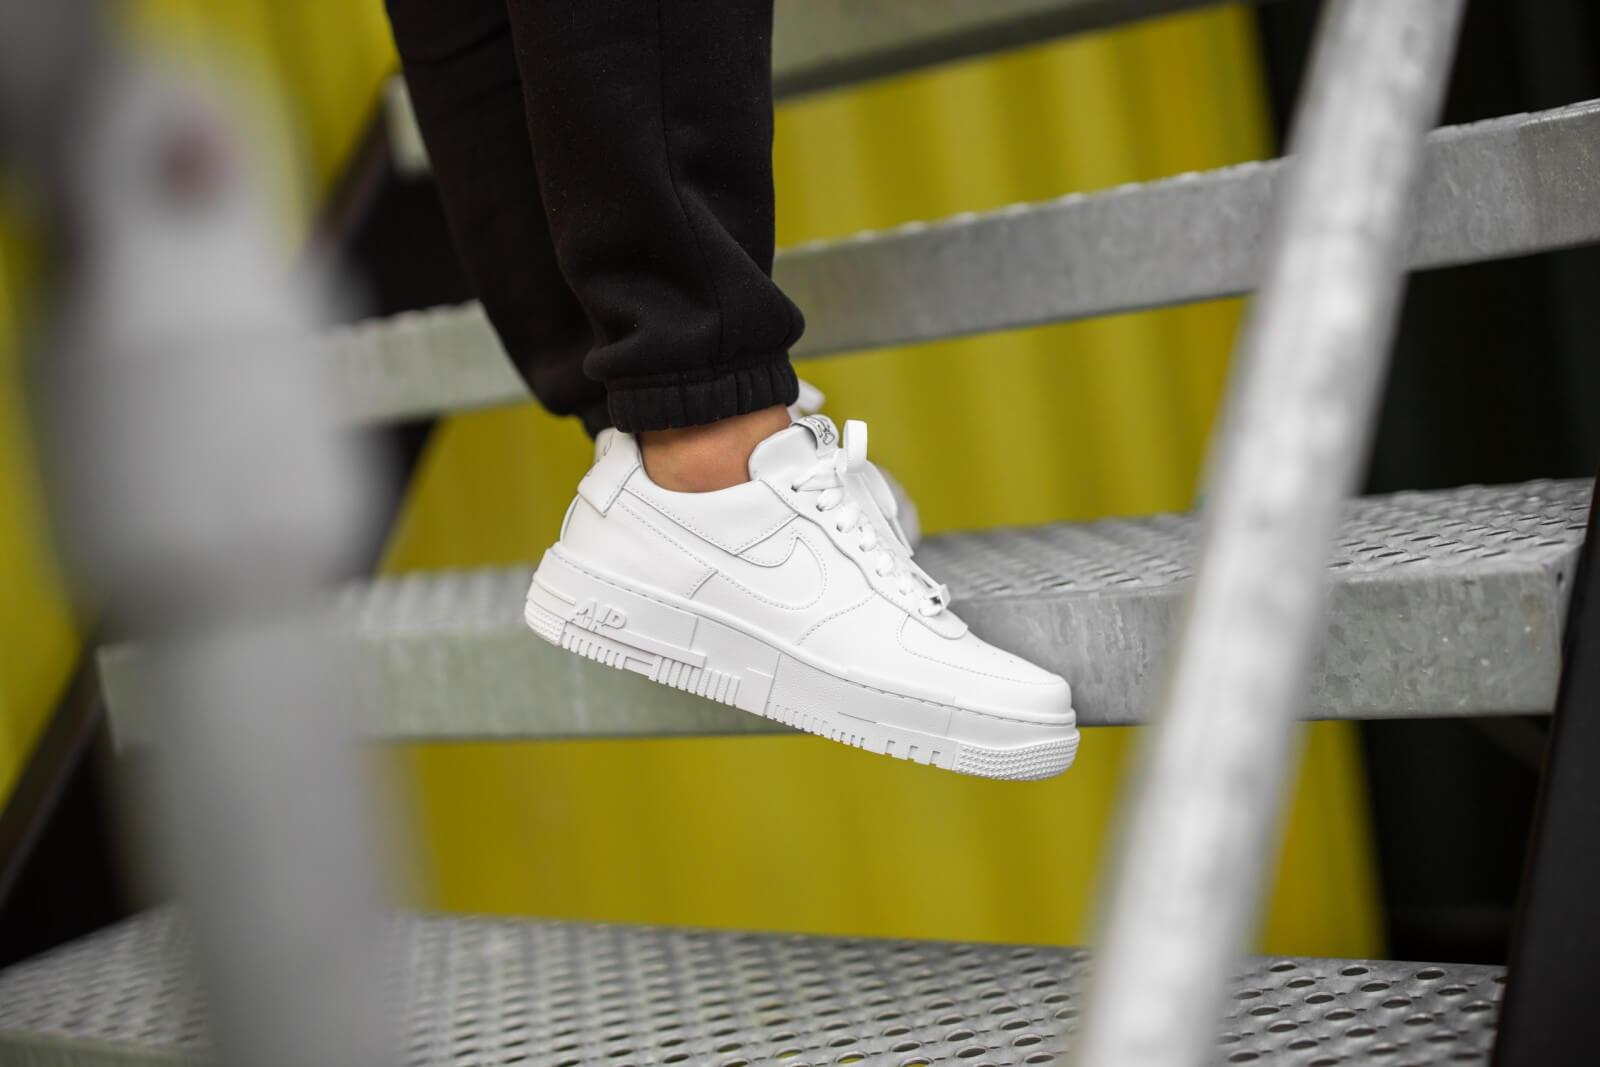 Nike Women's Air Force 1 Pixel White/Black-Sail